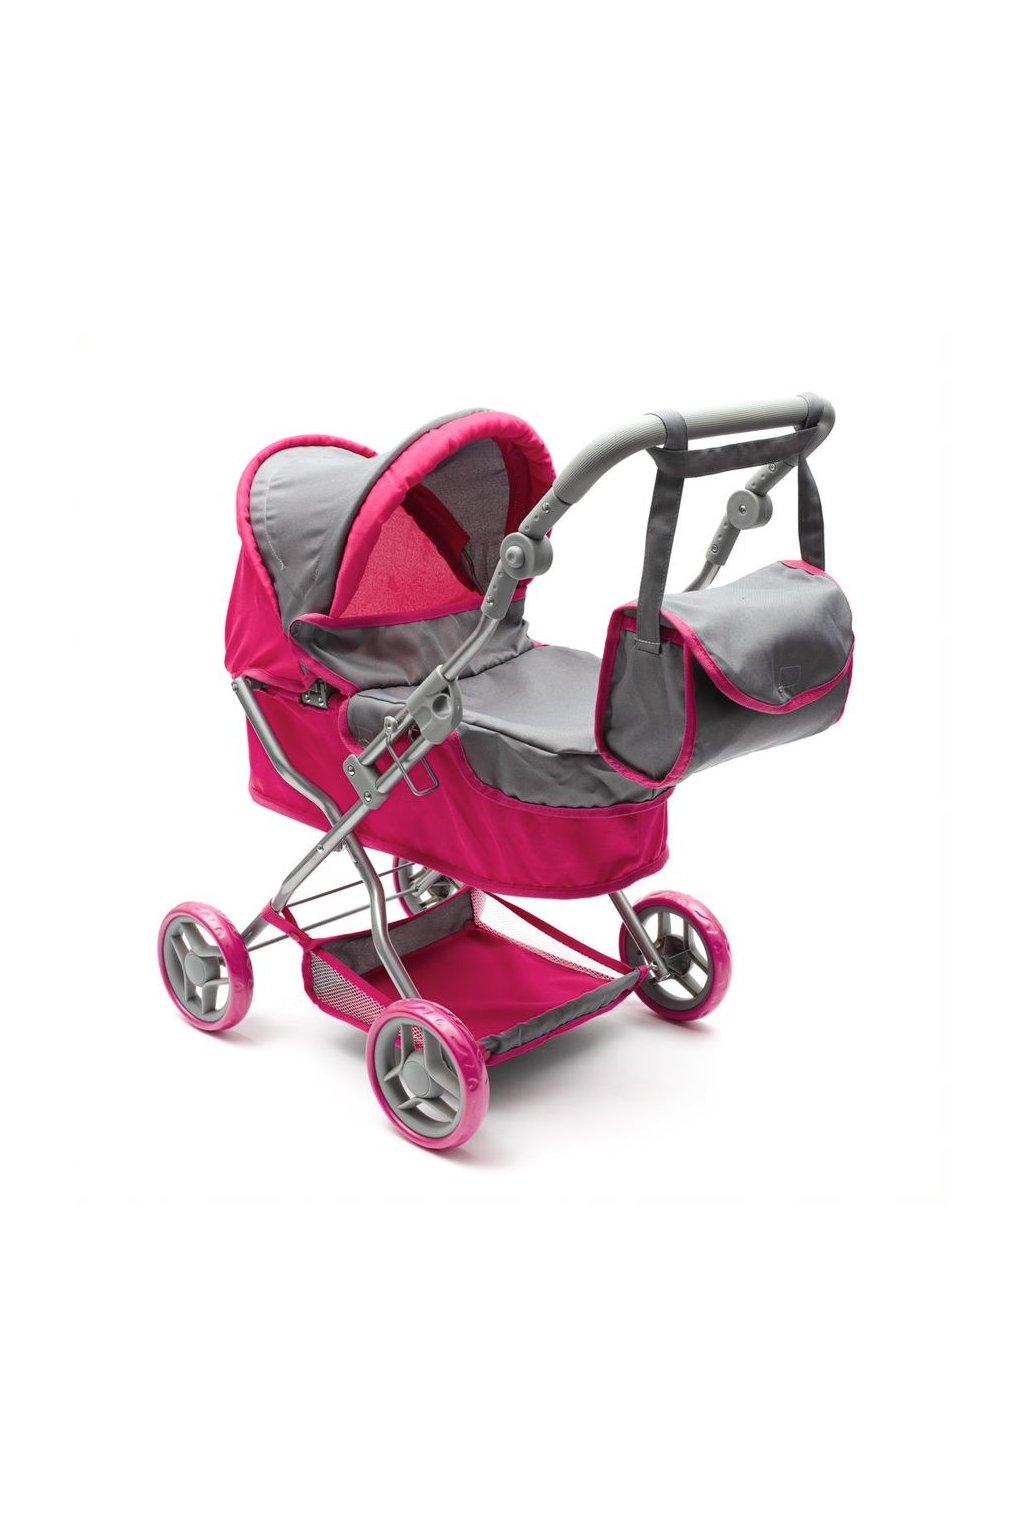 Hlboký kočík pre bábiky PlayTo Viola ružovo šedý